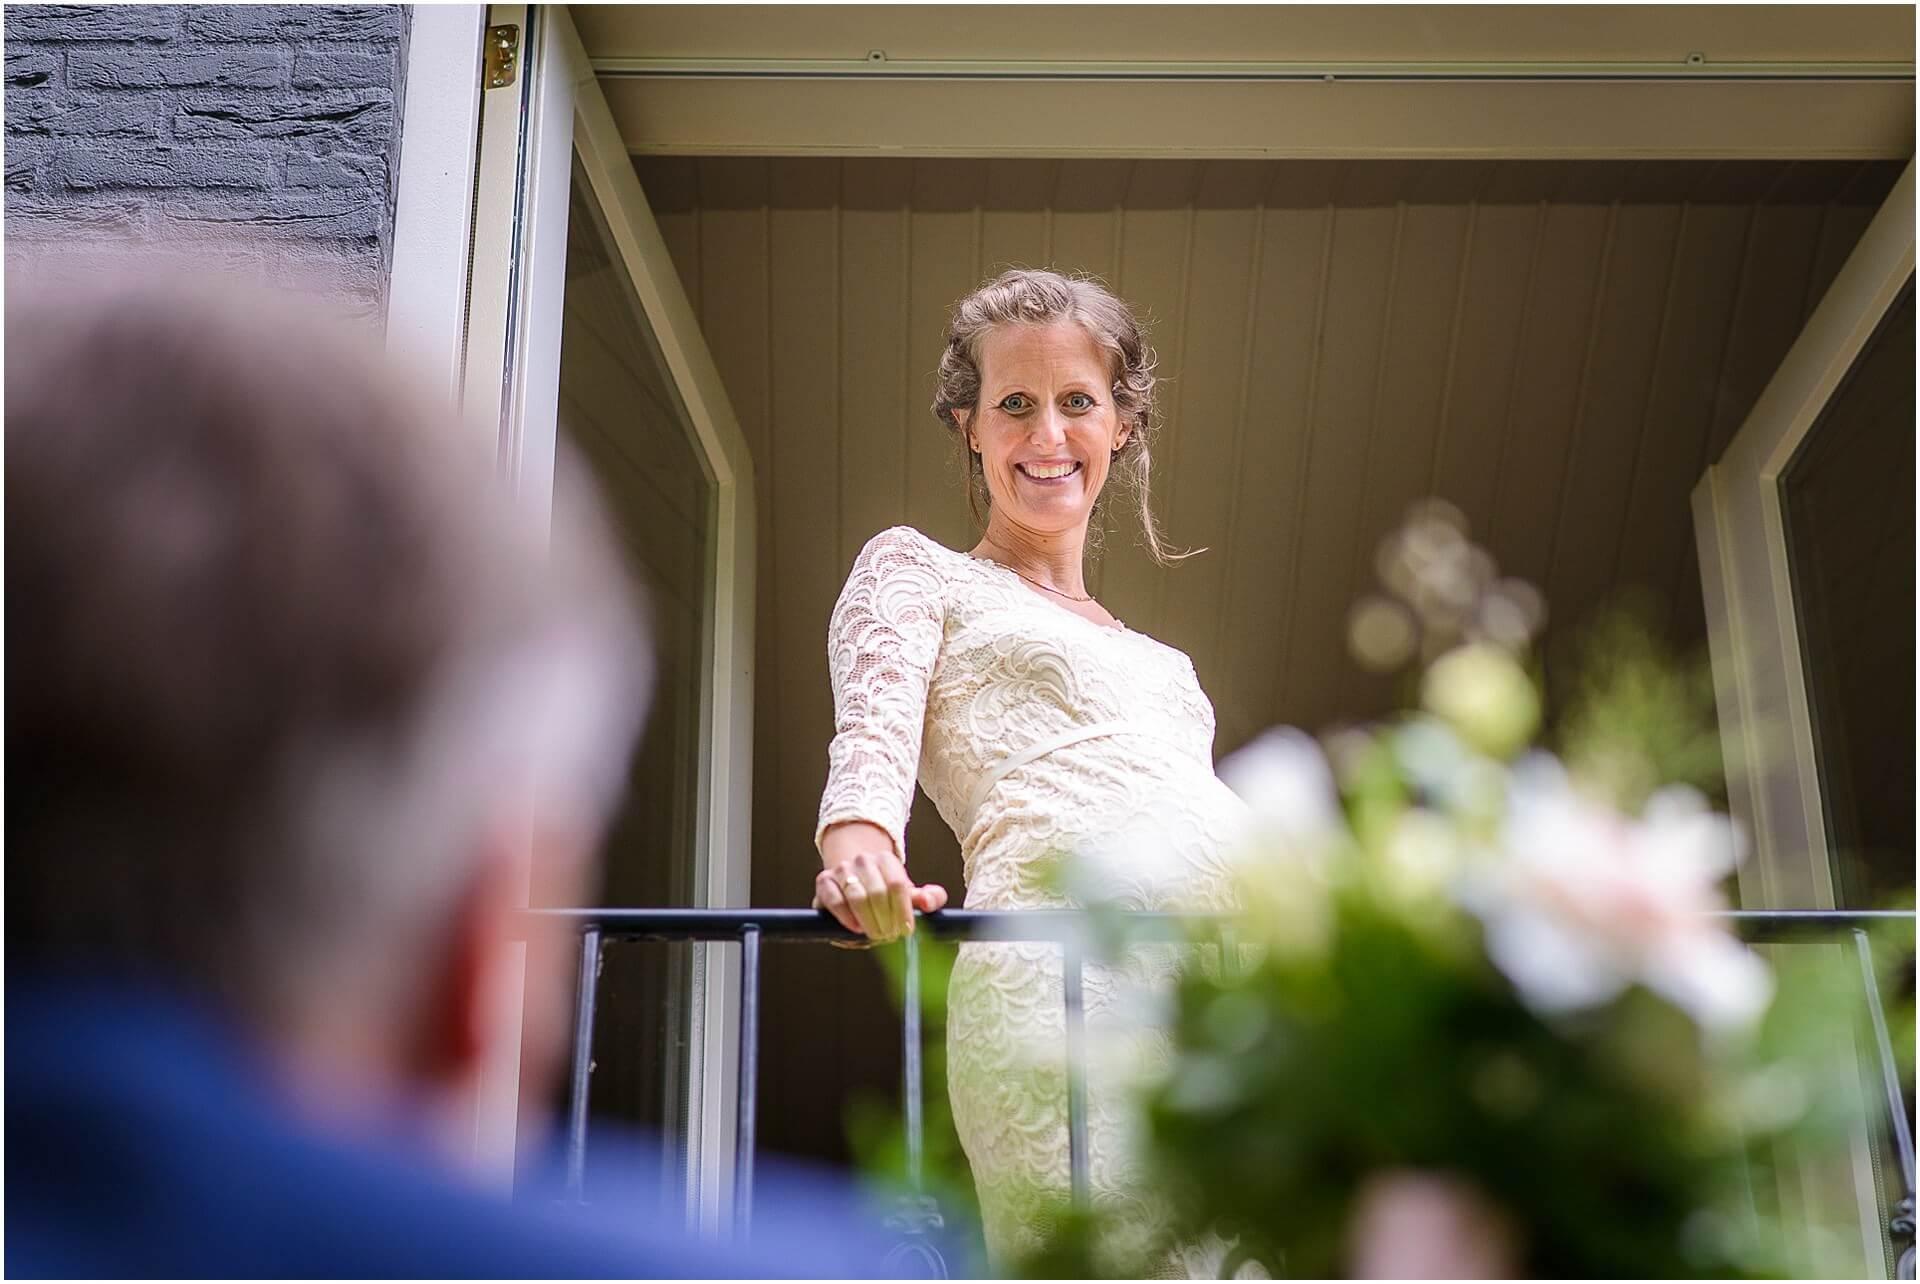 Bruidsfotografie Raadhuis Vught en feesten in eigen tuin door bruidsfotograaf Sandy Peters_0010.jpg